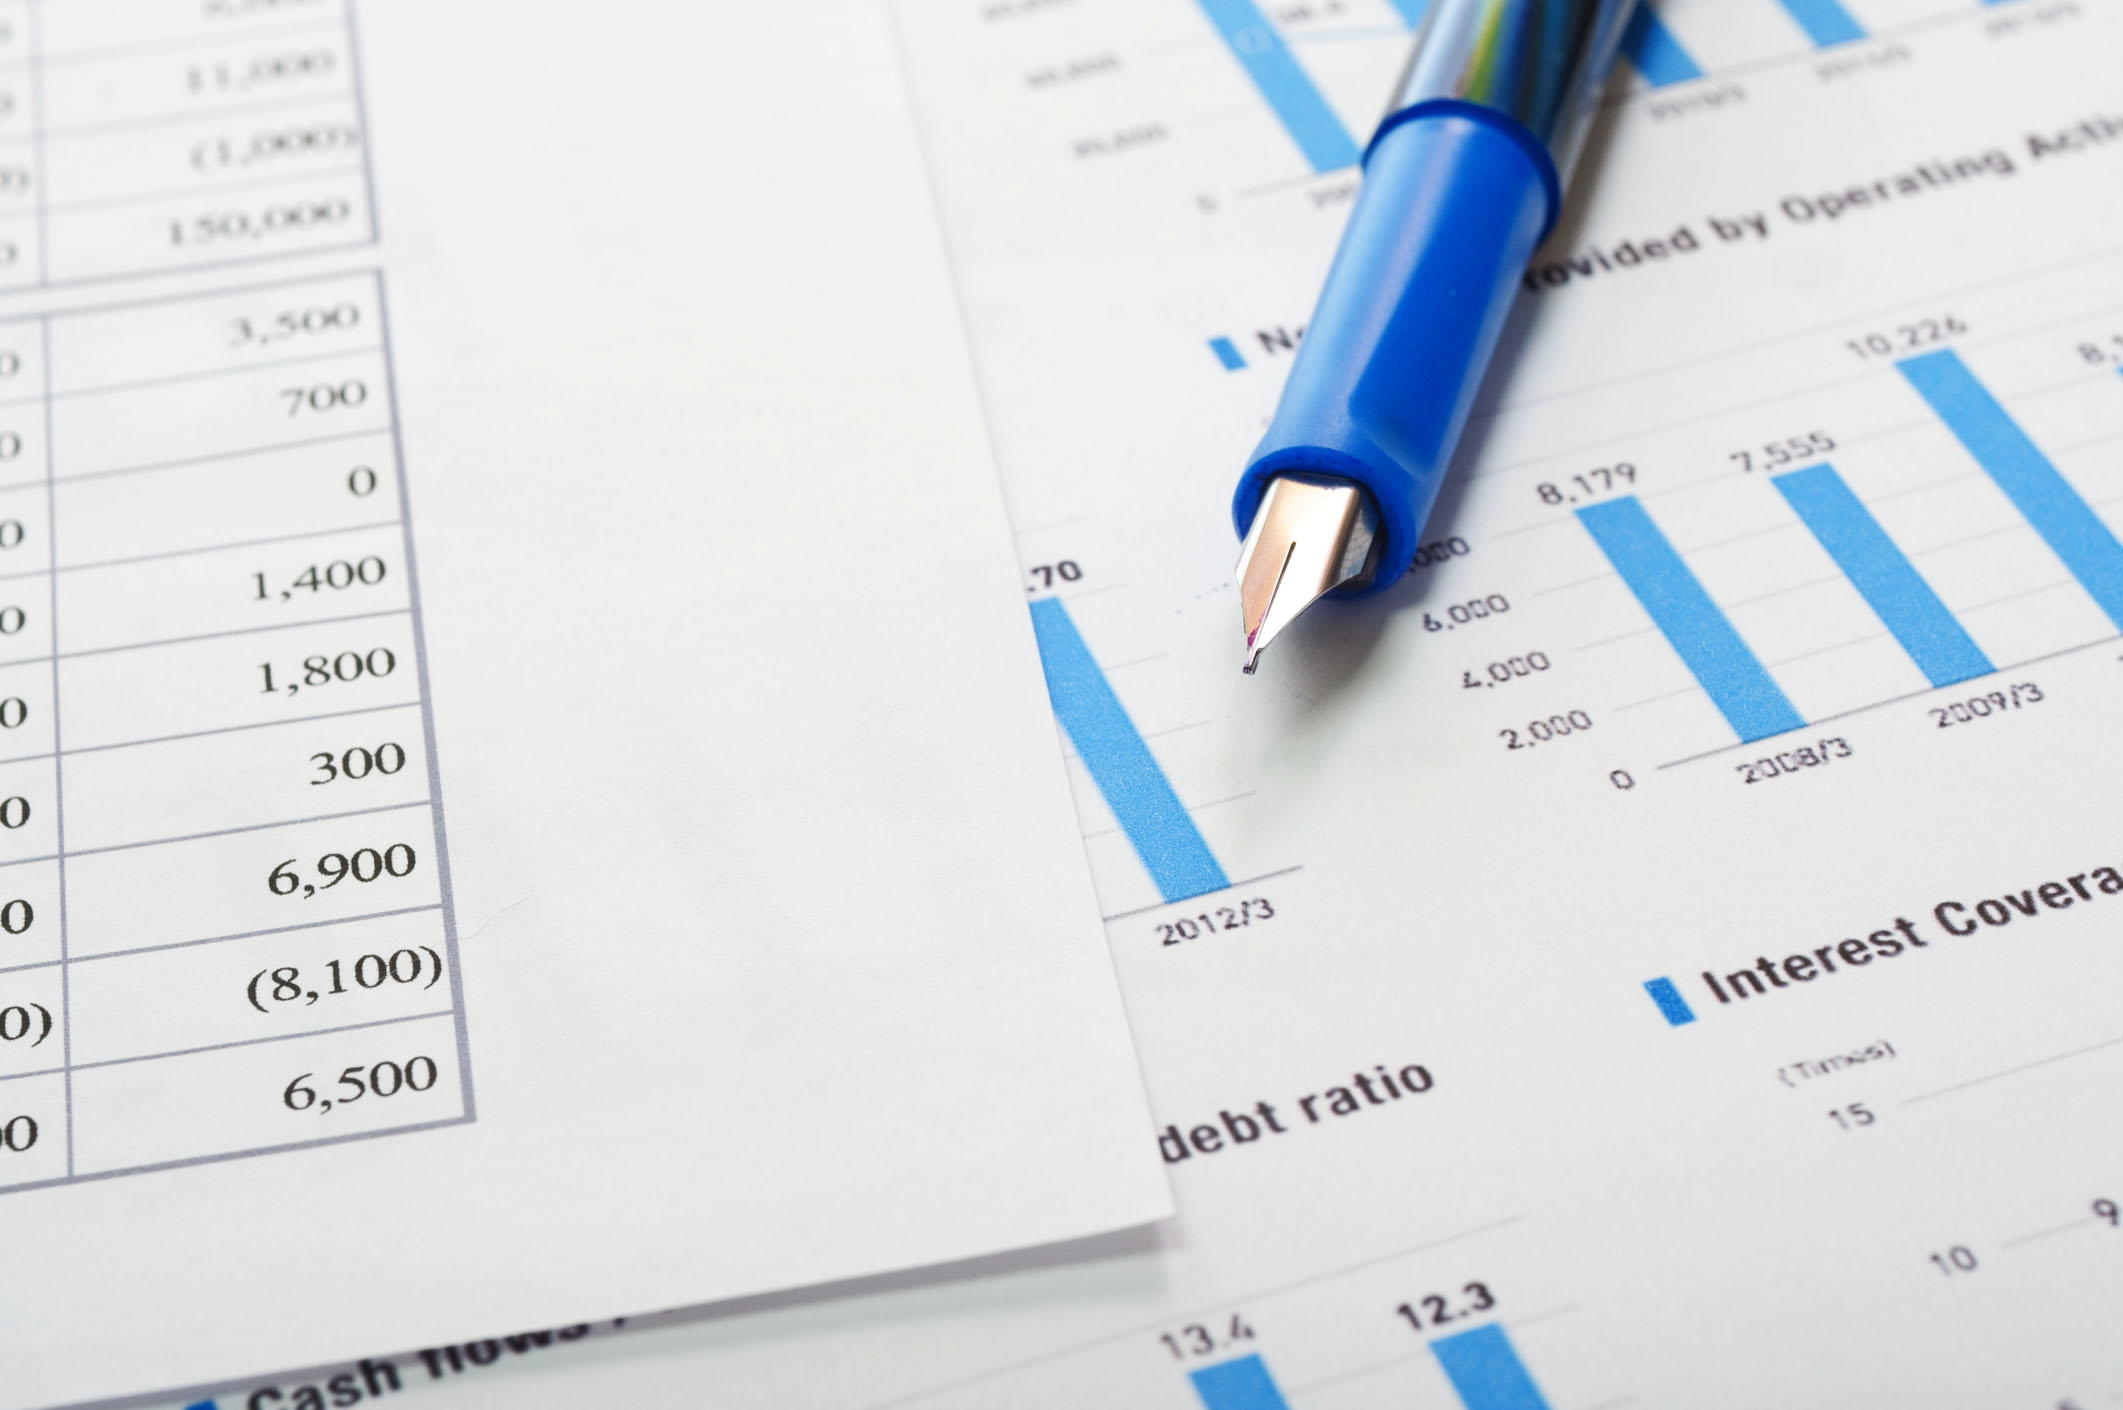 bilanci - Informazioni di valore